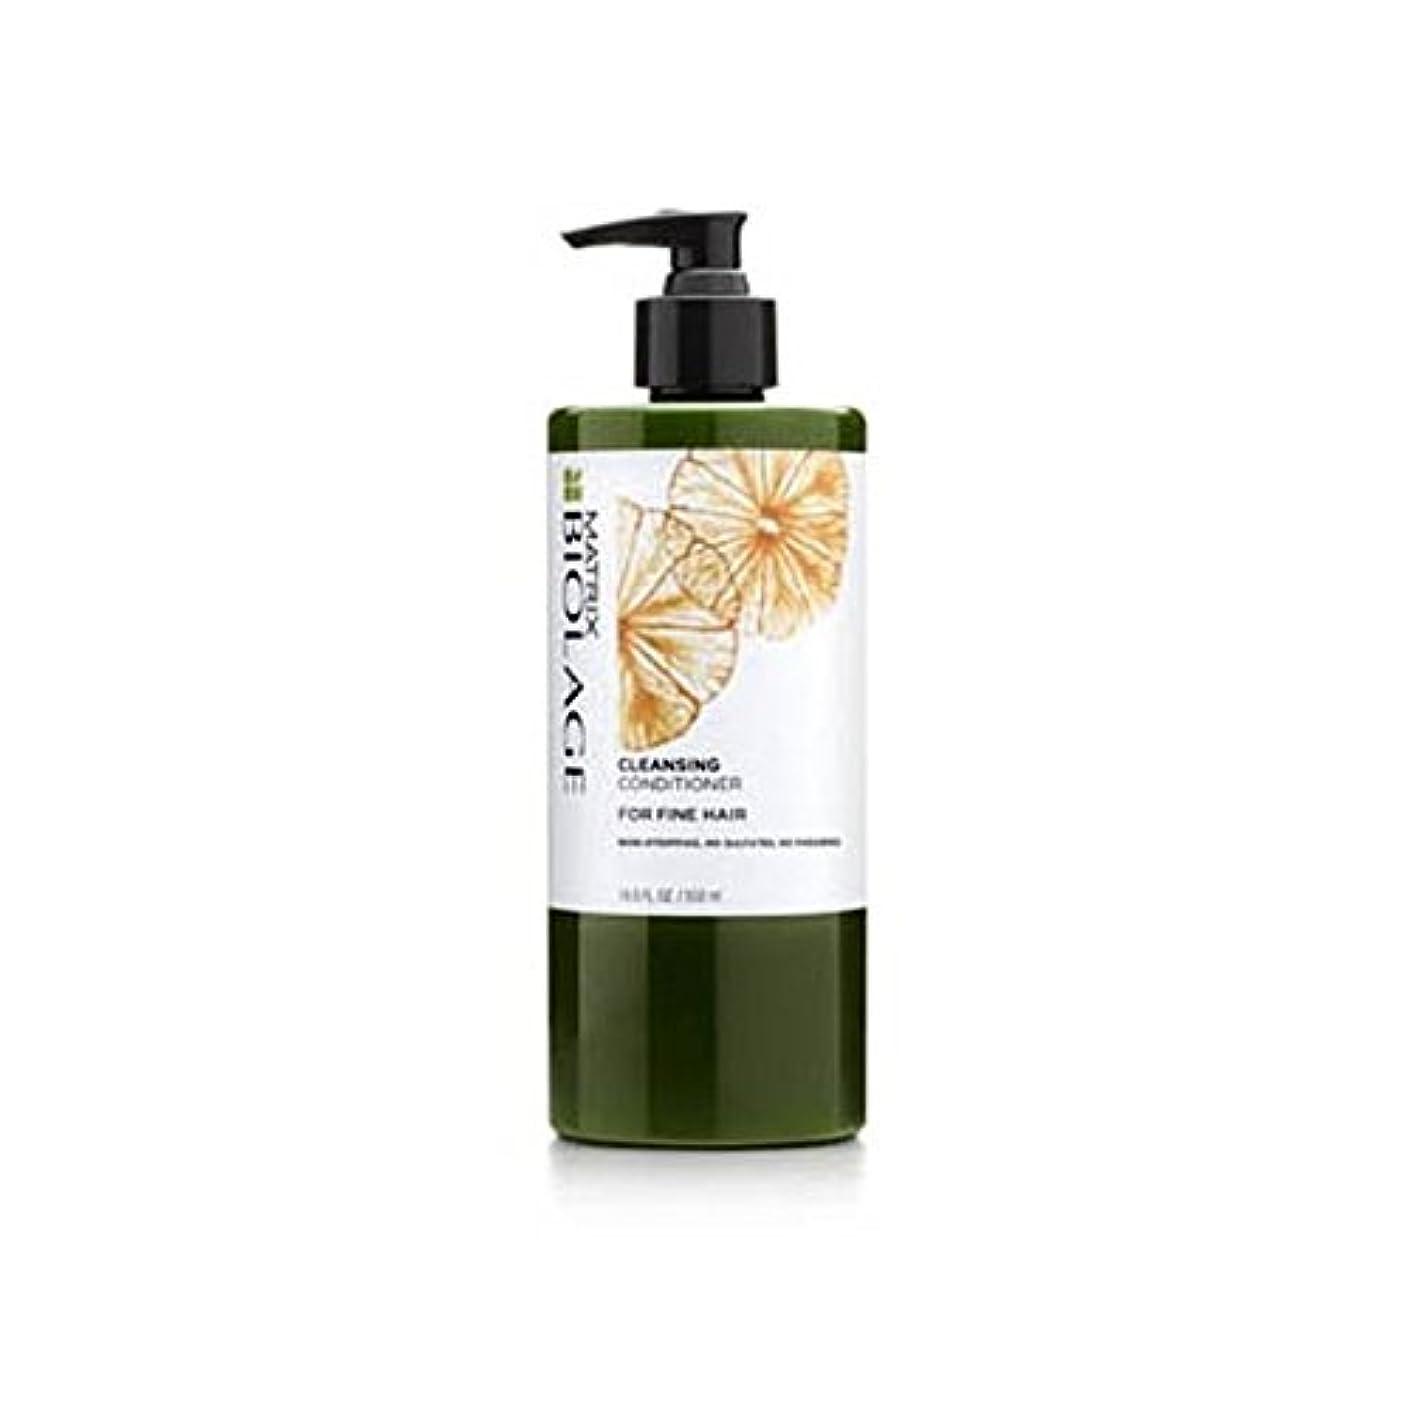 可決架空の鉛筆Matrix Biolage Cleansing Conditioner - Fine Hair (500ml) (Pack of 6) - マトリックスバイオレイジクレンジングコンディショナー - 細い髪(500ミリリットル...